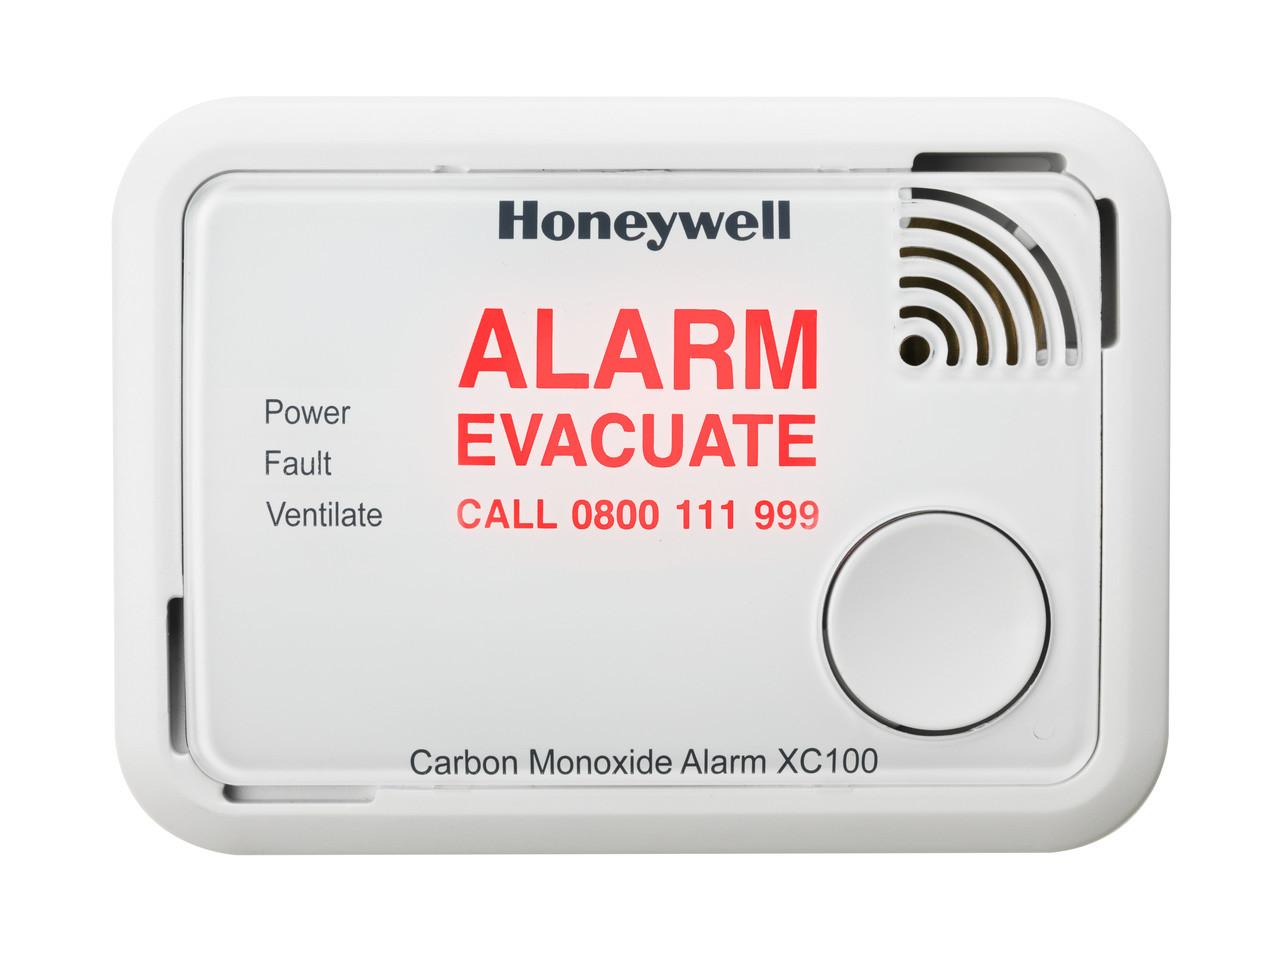 XC100 Alarm Flashing Message